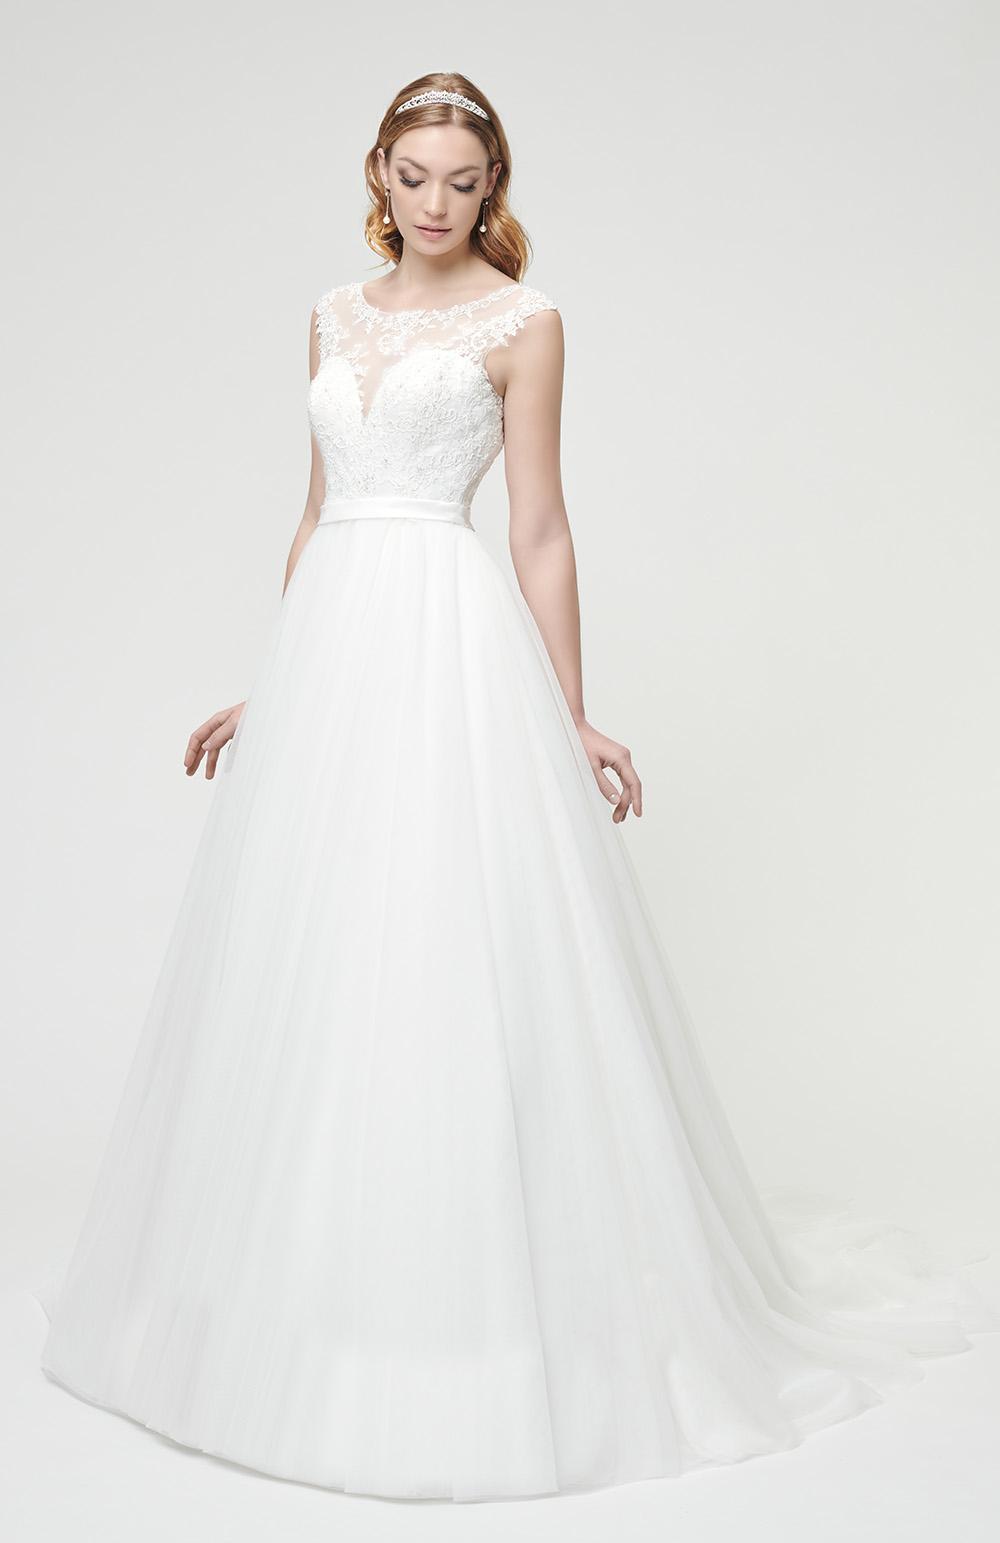 Robe de mariée Modèle Ryana